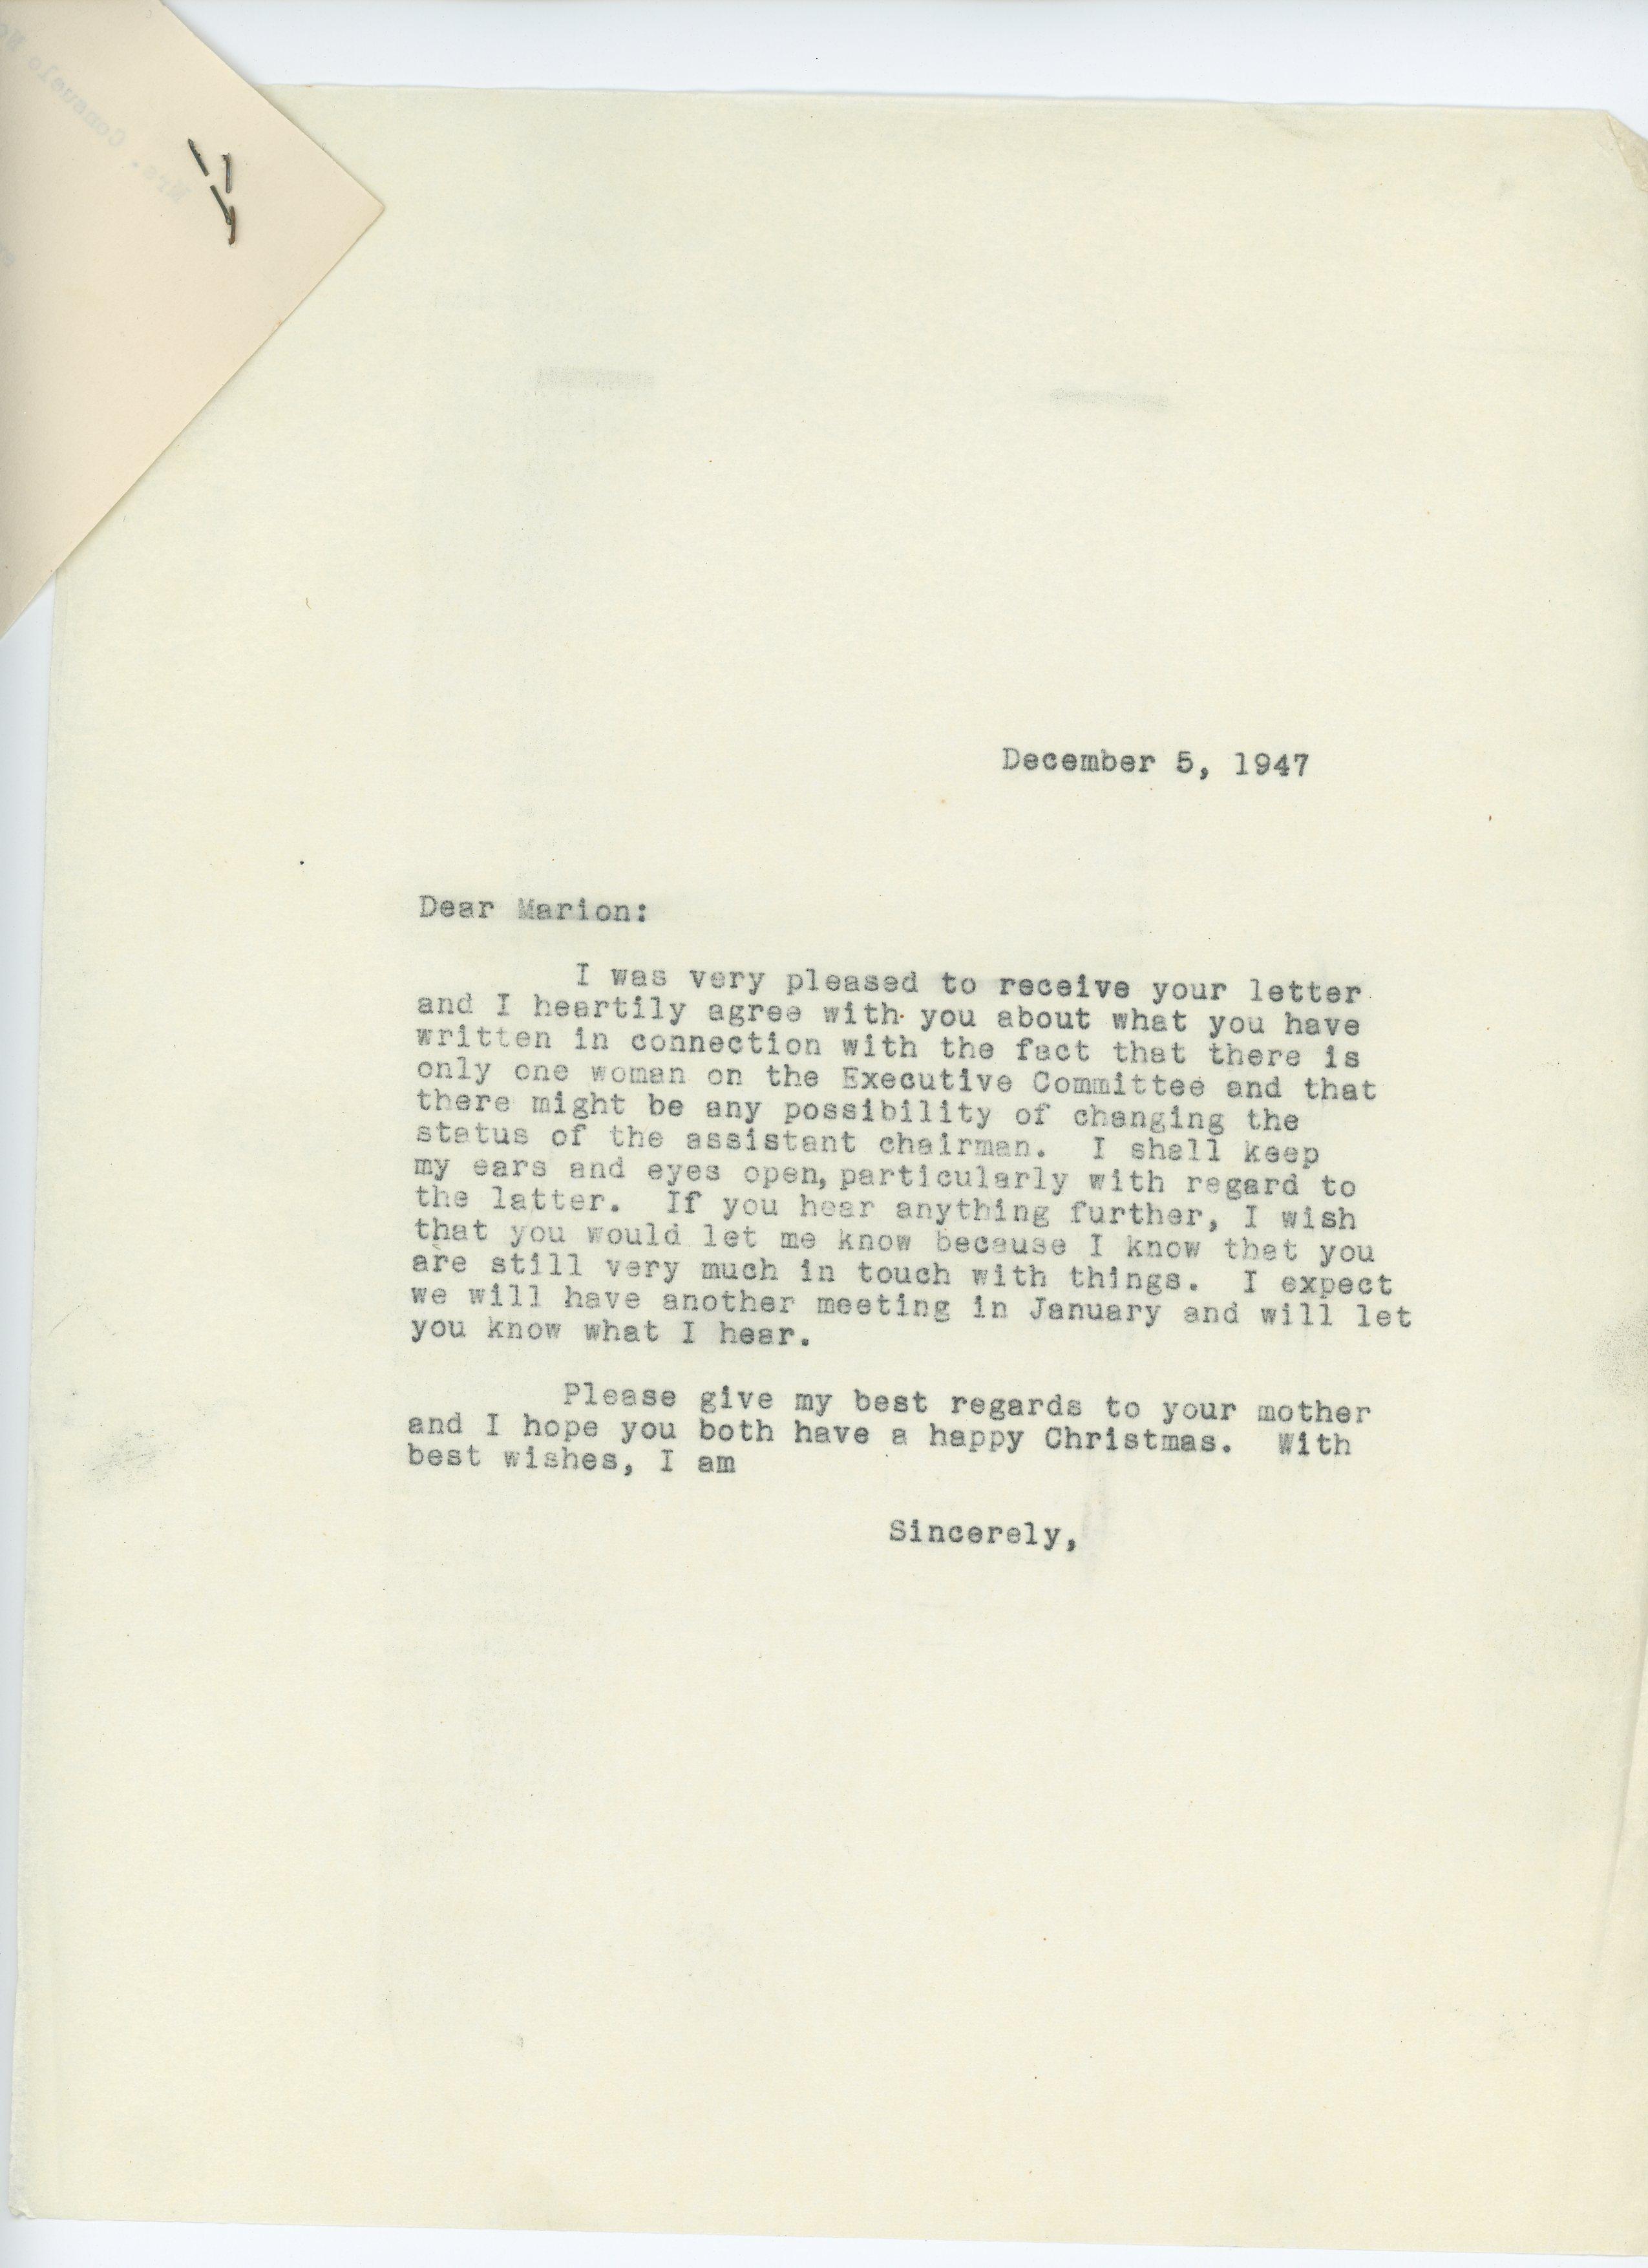 Consuelo N. Bailey to Marion E. Martin 1947 December 5